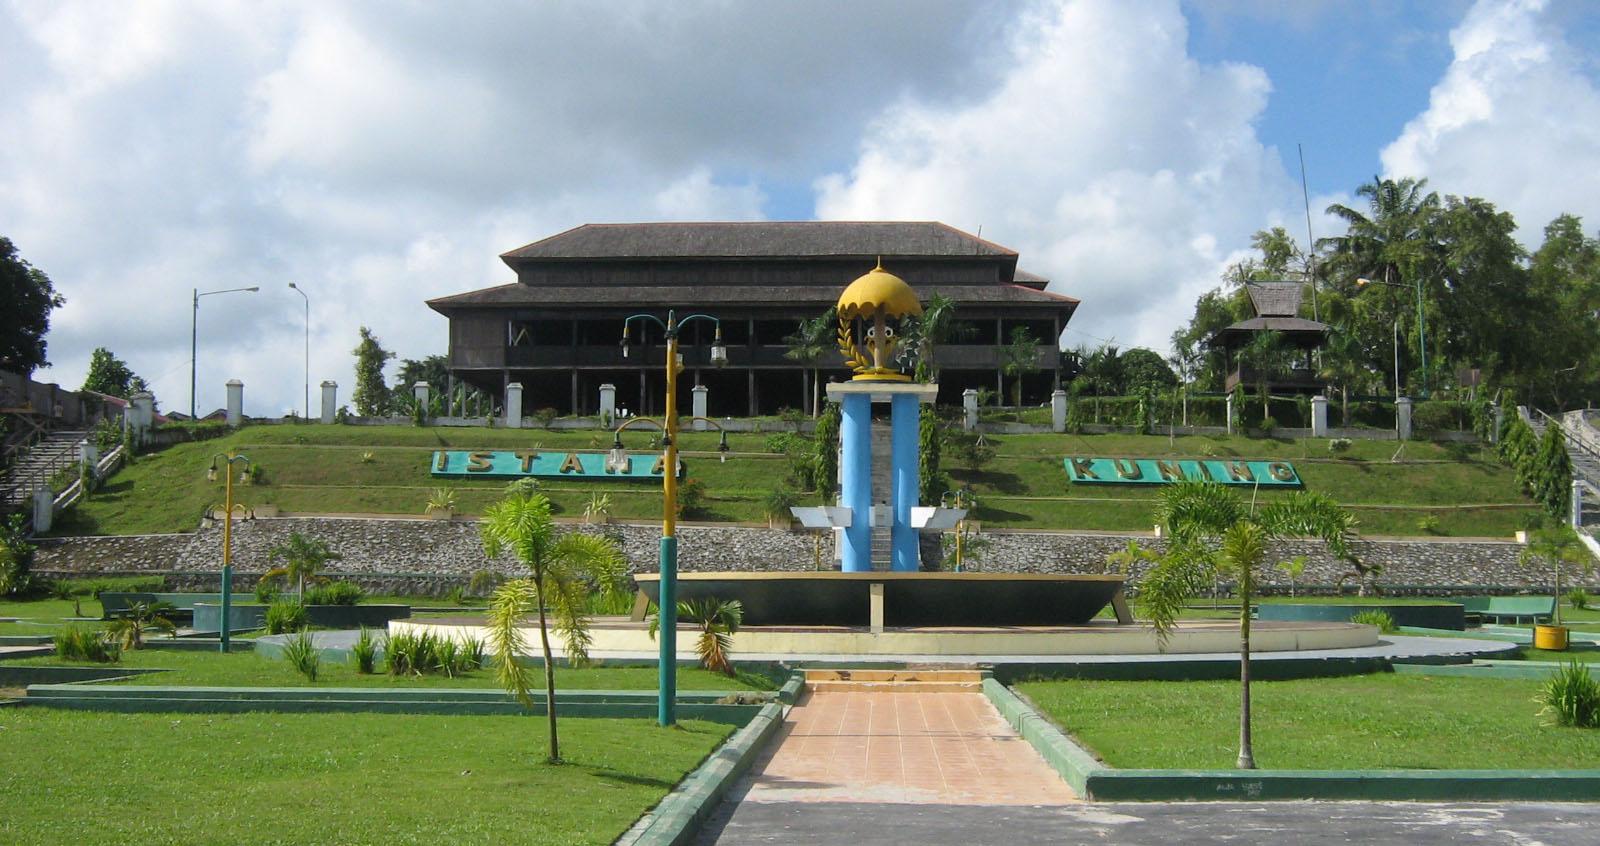 Istana Kuning Wisata Sejarah yang Indah di Kalimantan Tengah